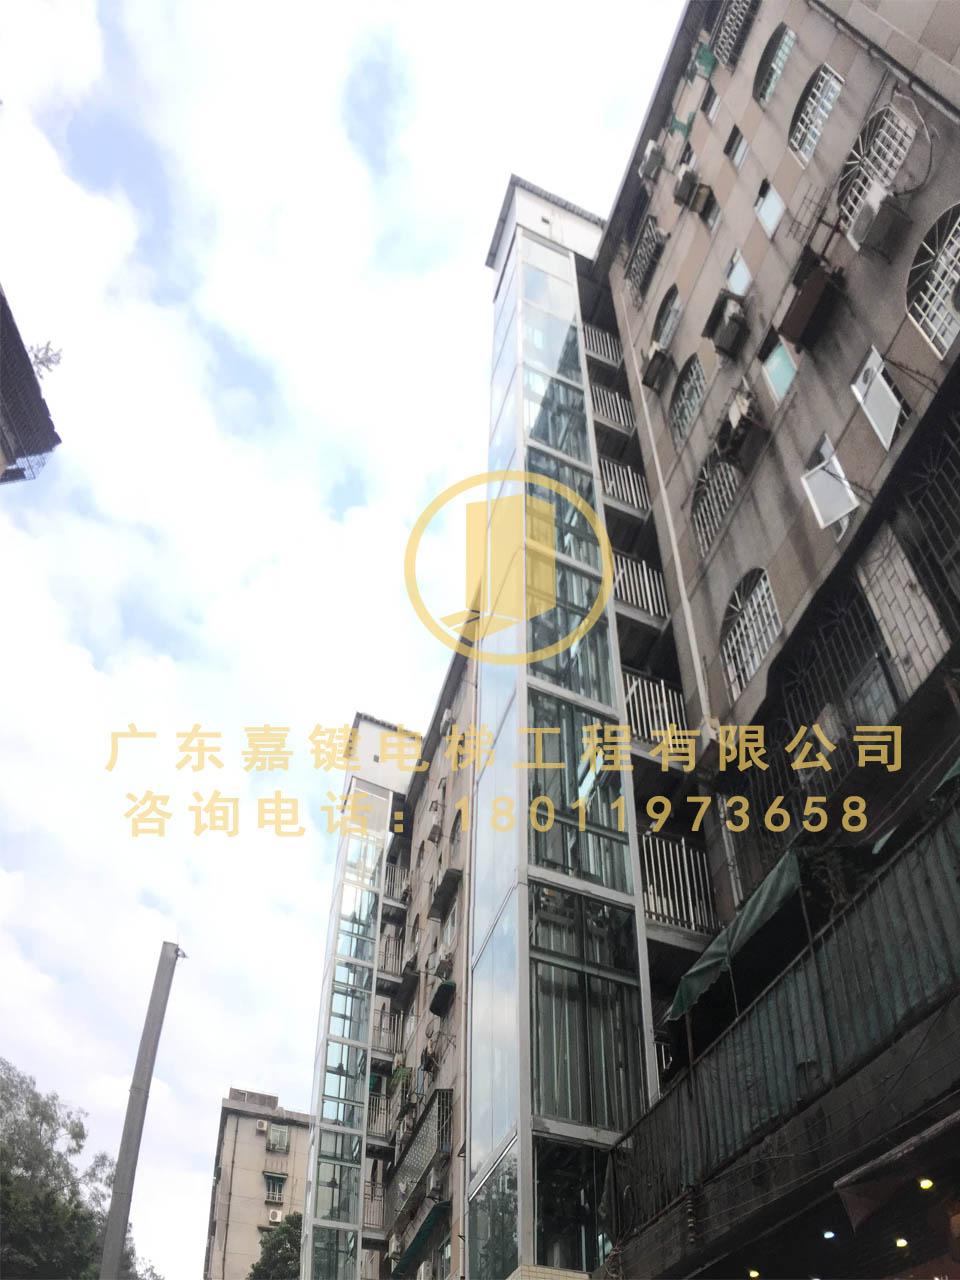 旧楼改造电梯